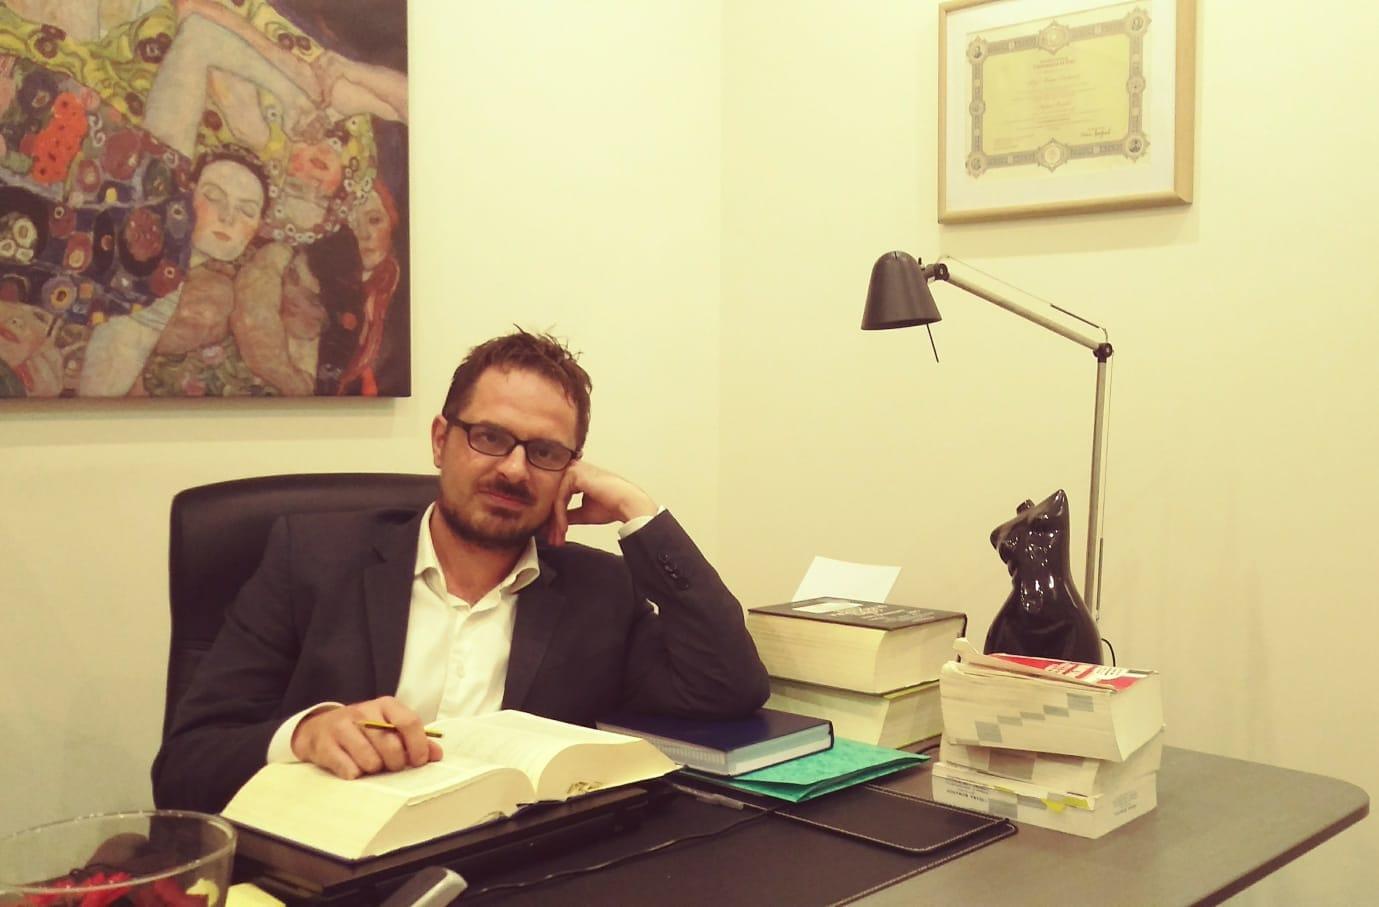 Separazione, divorzio e figli: l'avvocato Stefano Genick ci spiega il Ddl Pillon